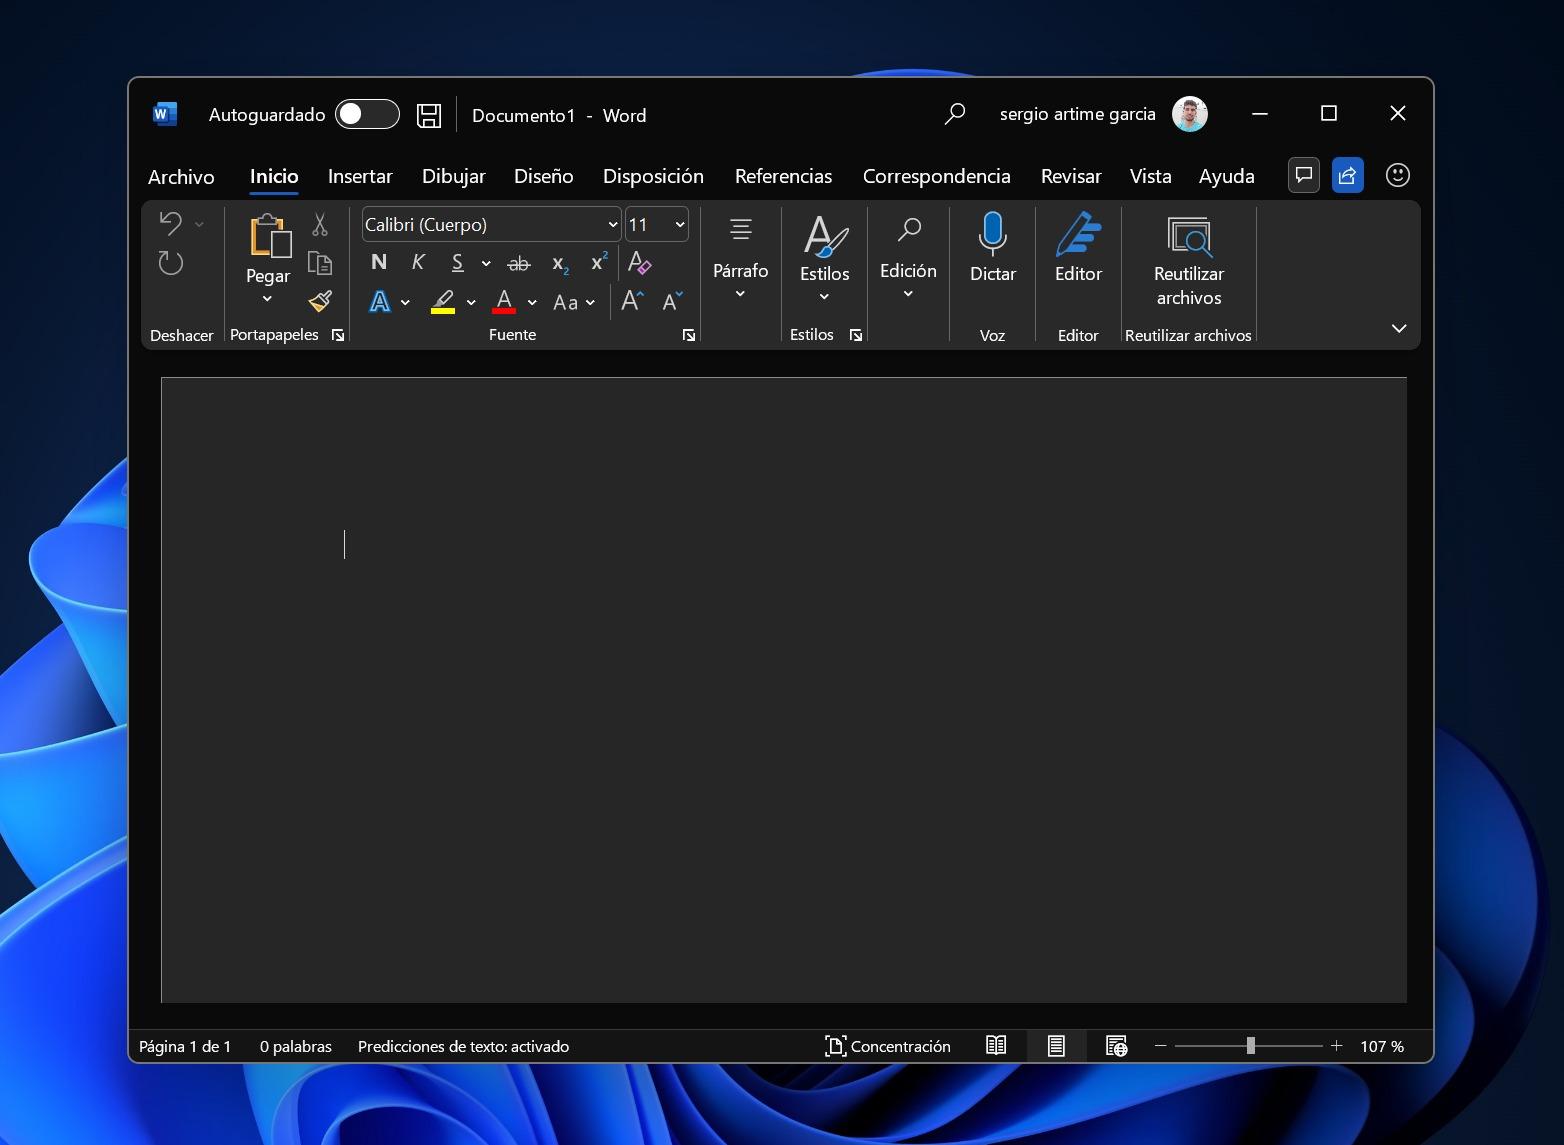 Nouveau design de bureau dans un thème sombre